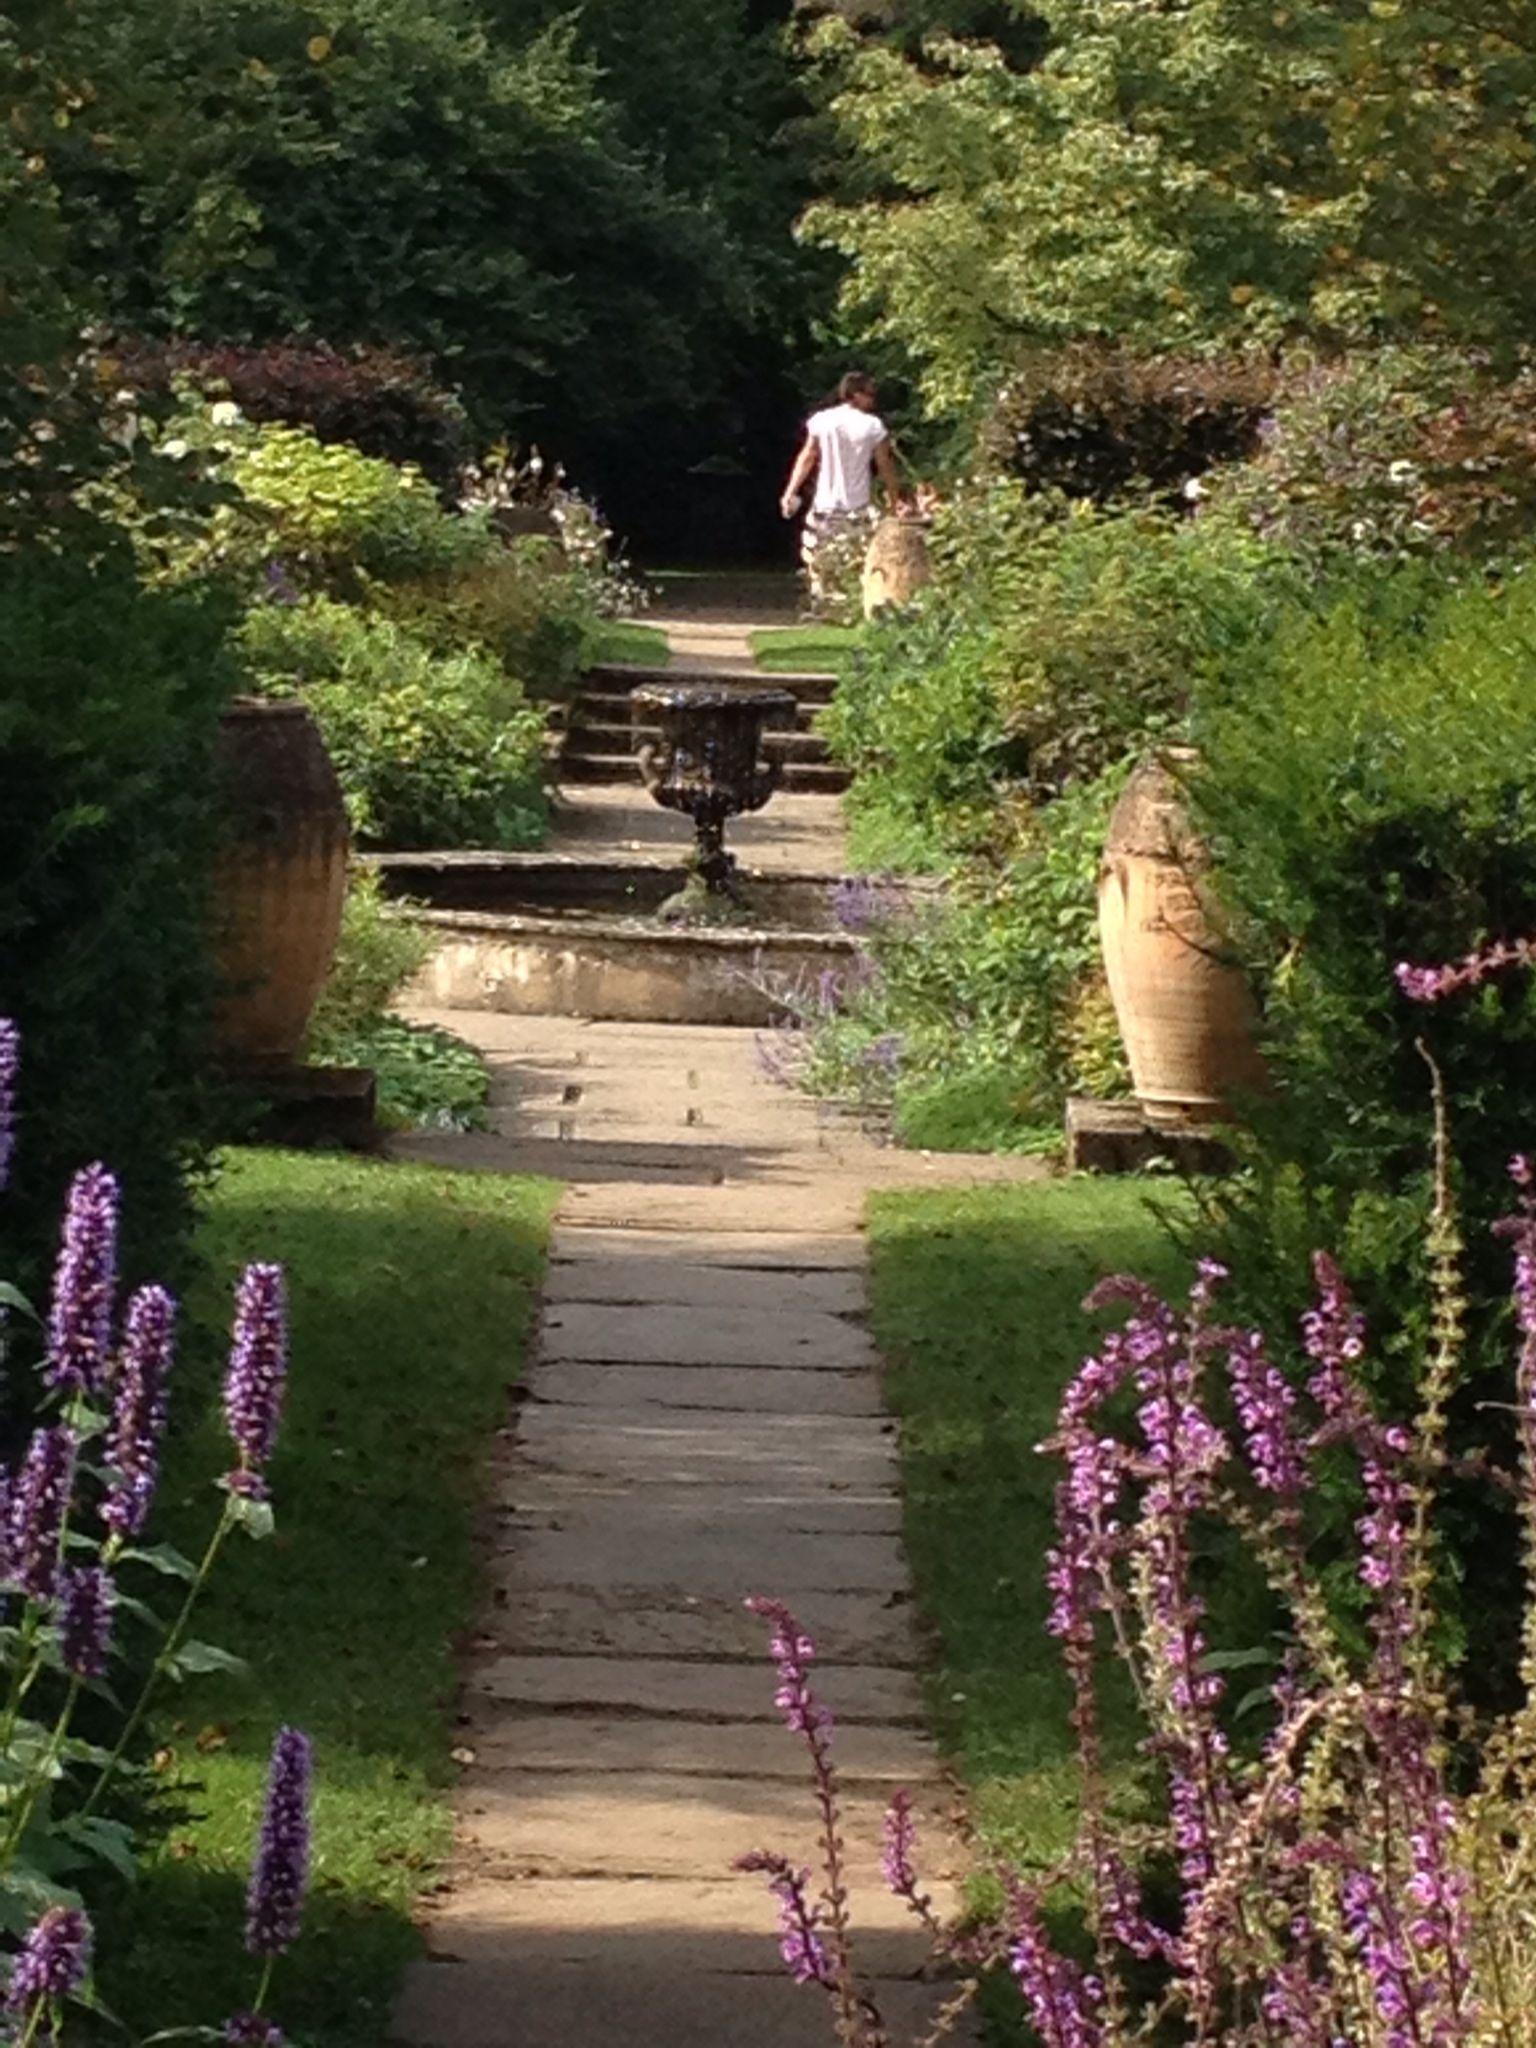 newby hall gardens in yorkshire yastek garden design and build